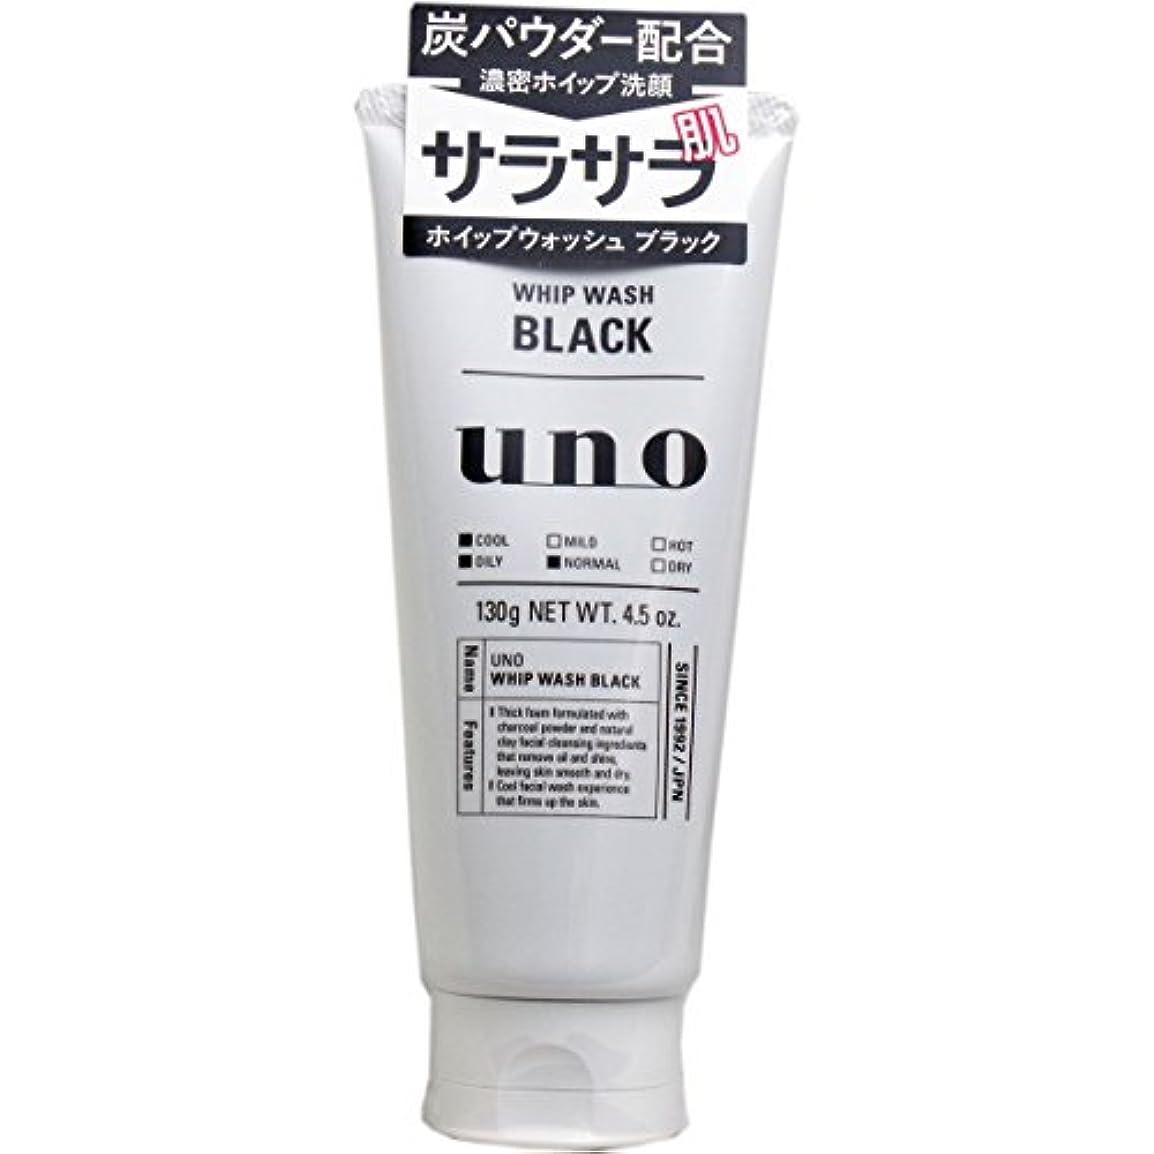 温室雰囲気その他【まとめ買い】ウーノ ホイップウォッシュ (ブラック) 洗顔料 130g×4個